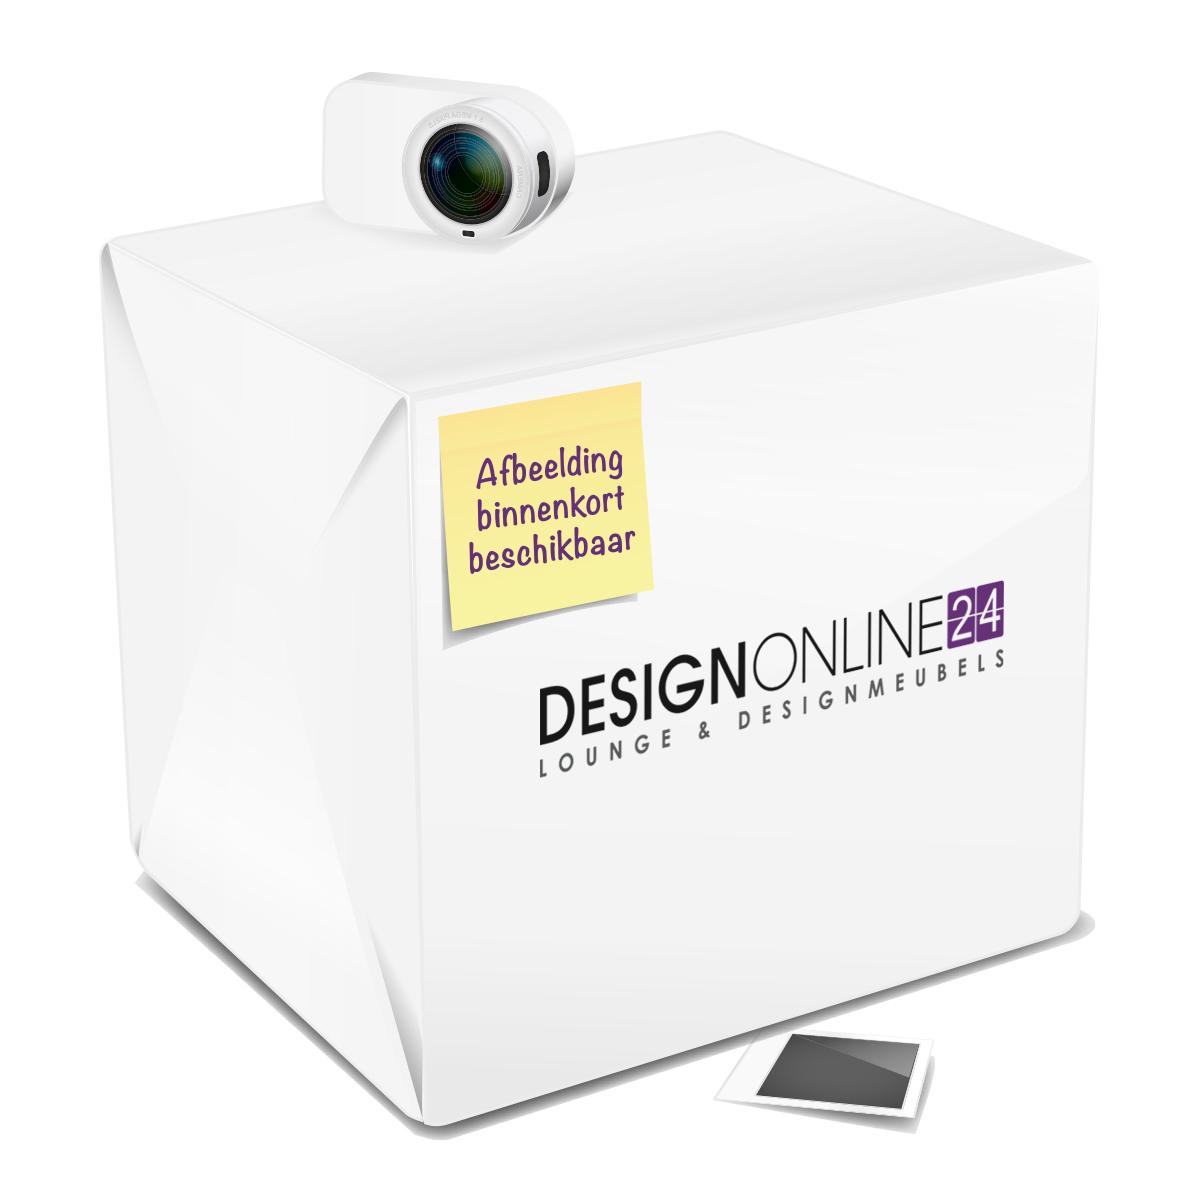 Innovation Slaapbank Dublexo - Styletto Poten Donker - Twist Charcoal 563 - Grijs